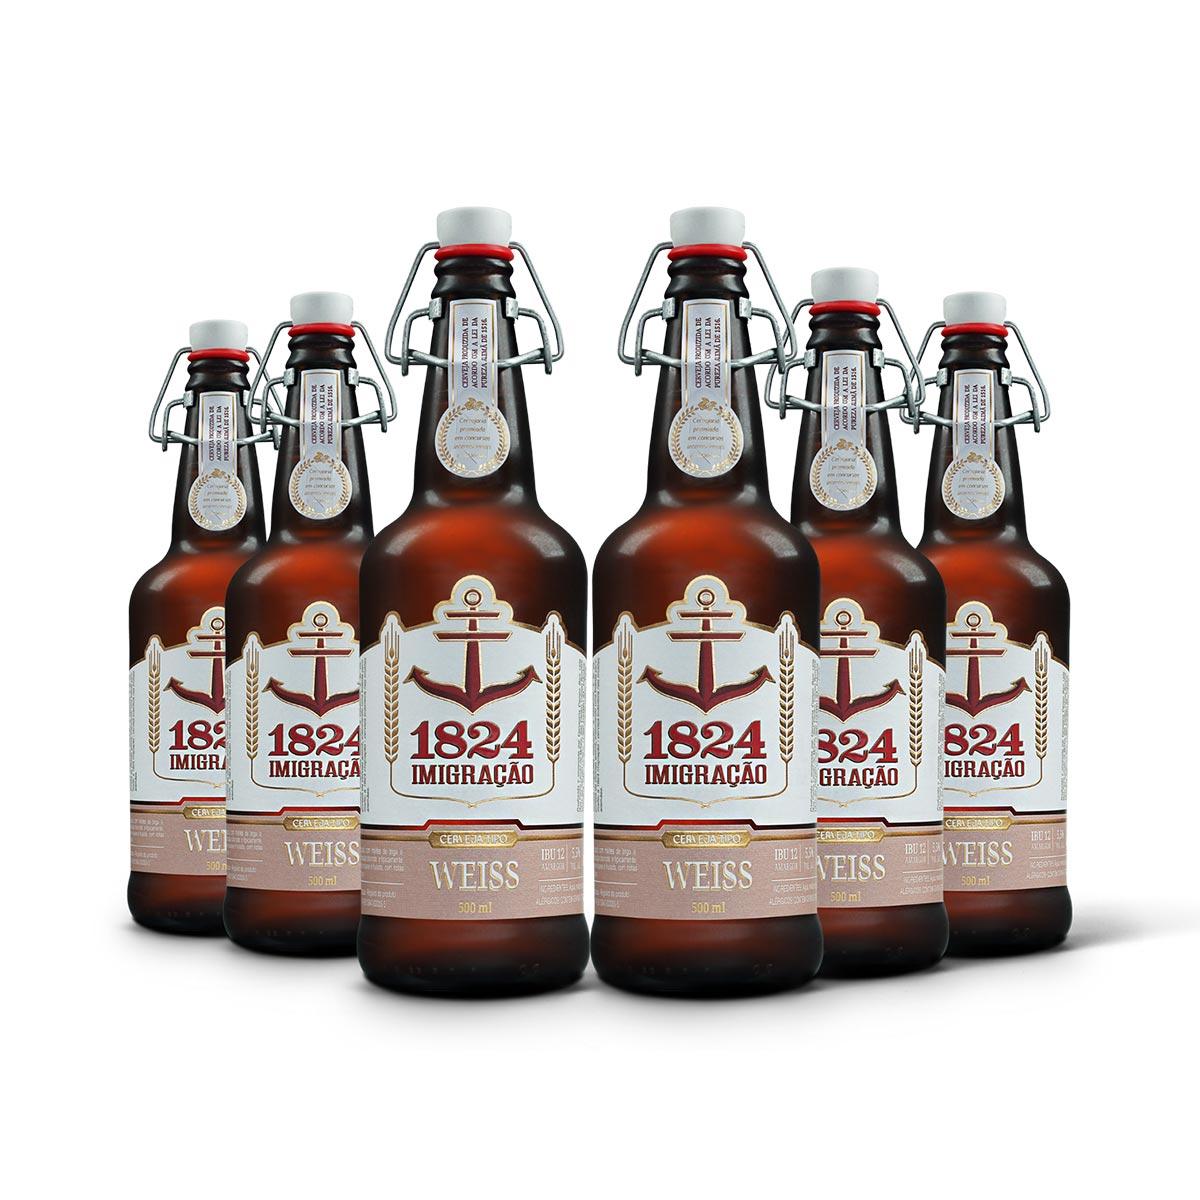 Pack Imigração Weiss 6 cervejas 500ml